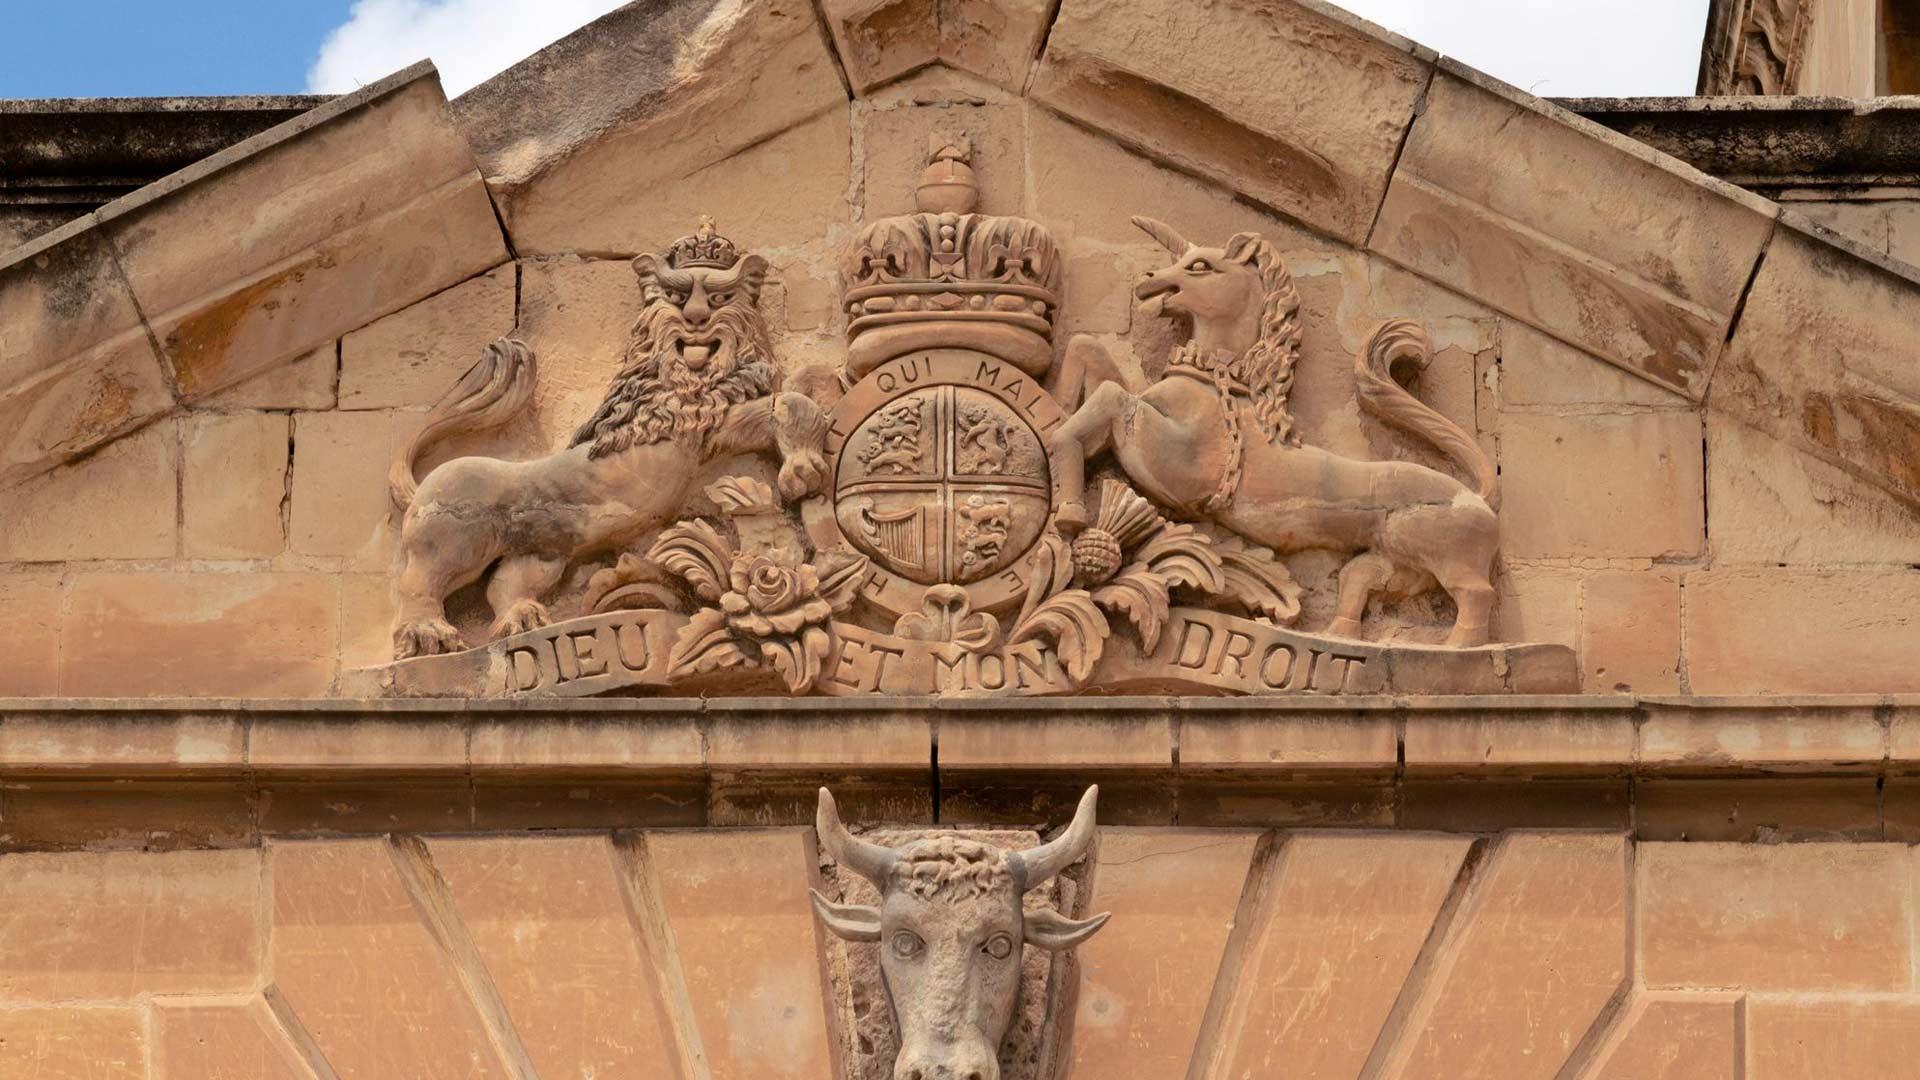 Maltan historiallinen tunnelma saa palaamaan saarelle aina uudelleen ja uudelleen.